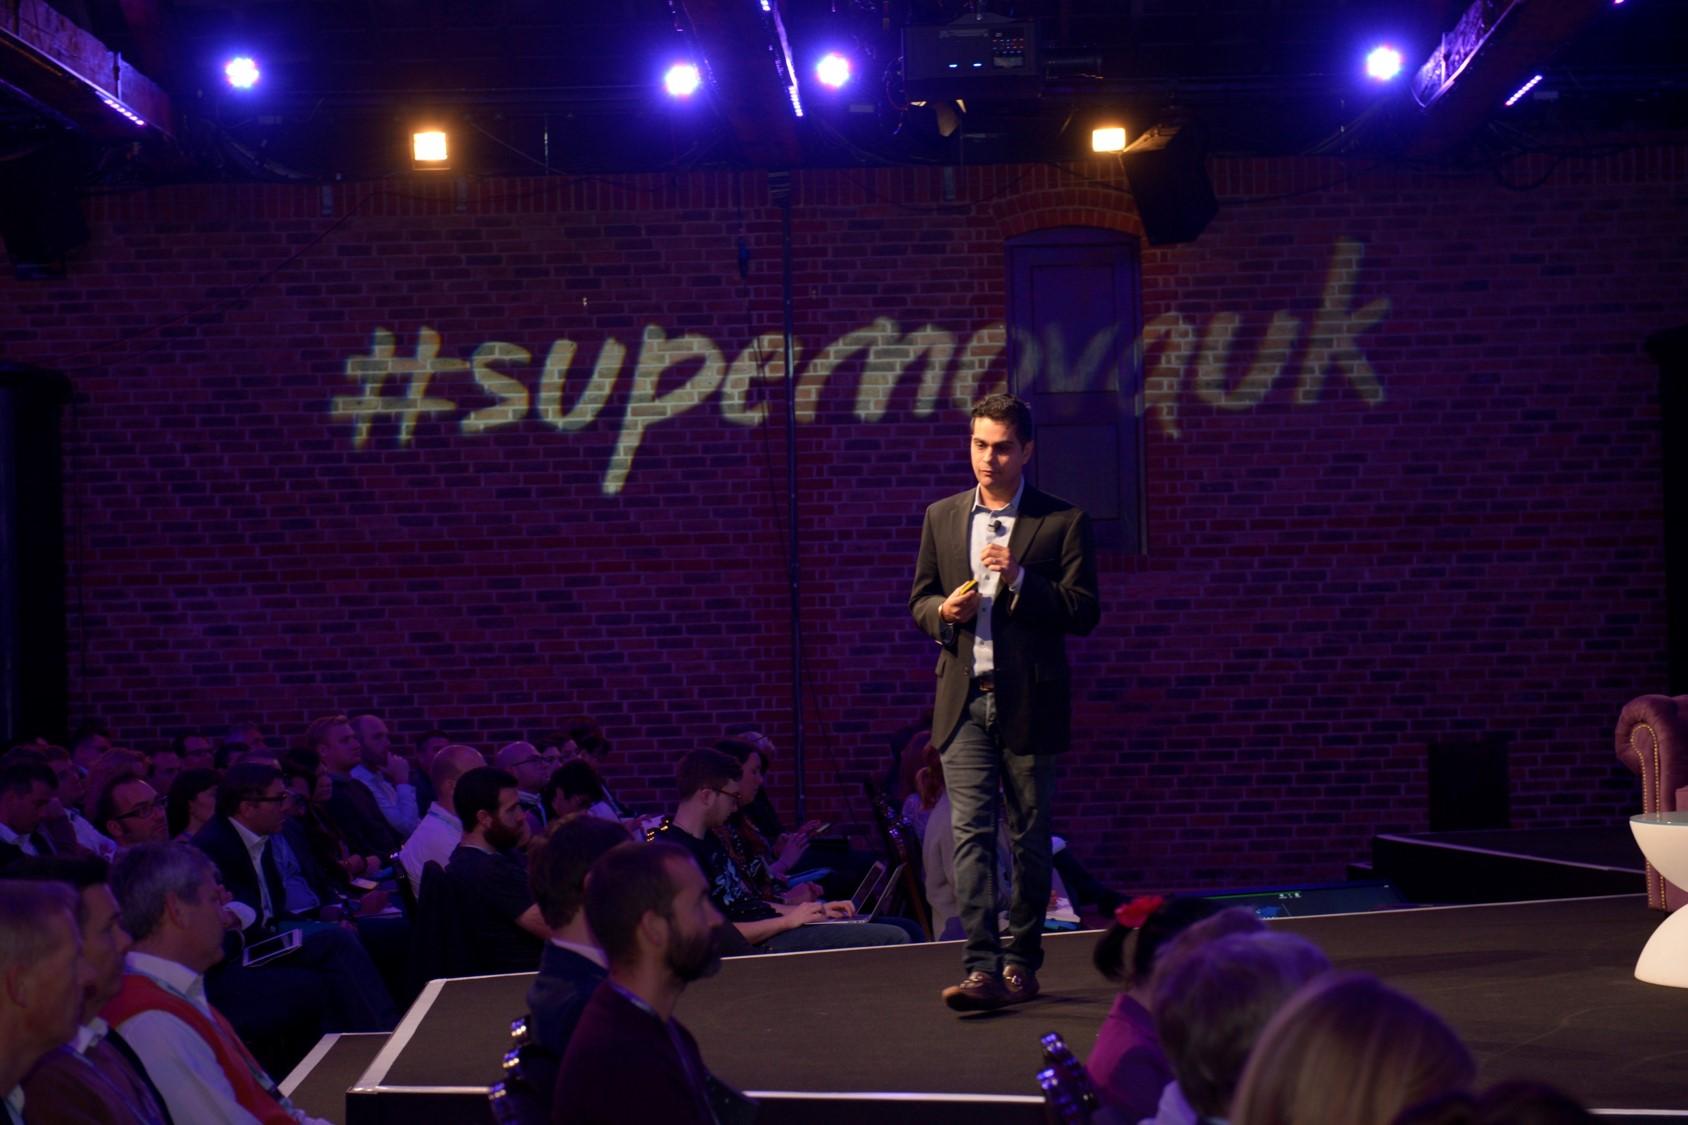 supernova event